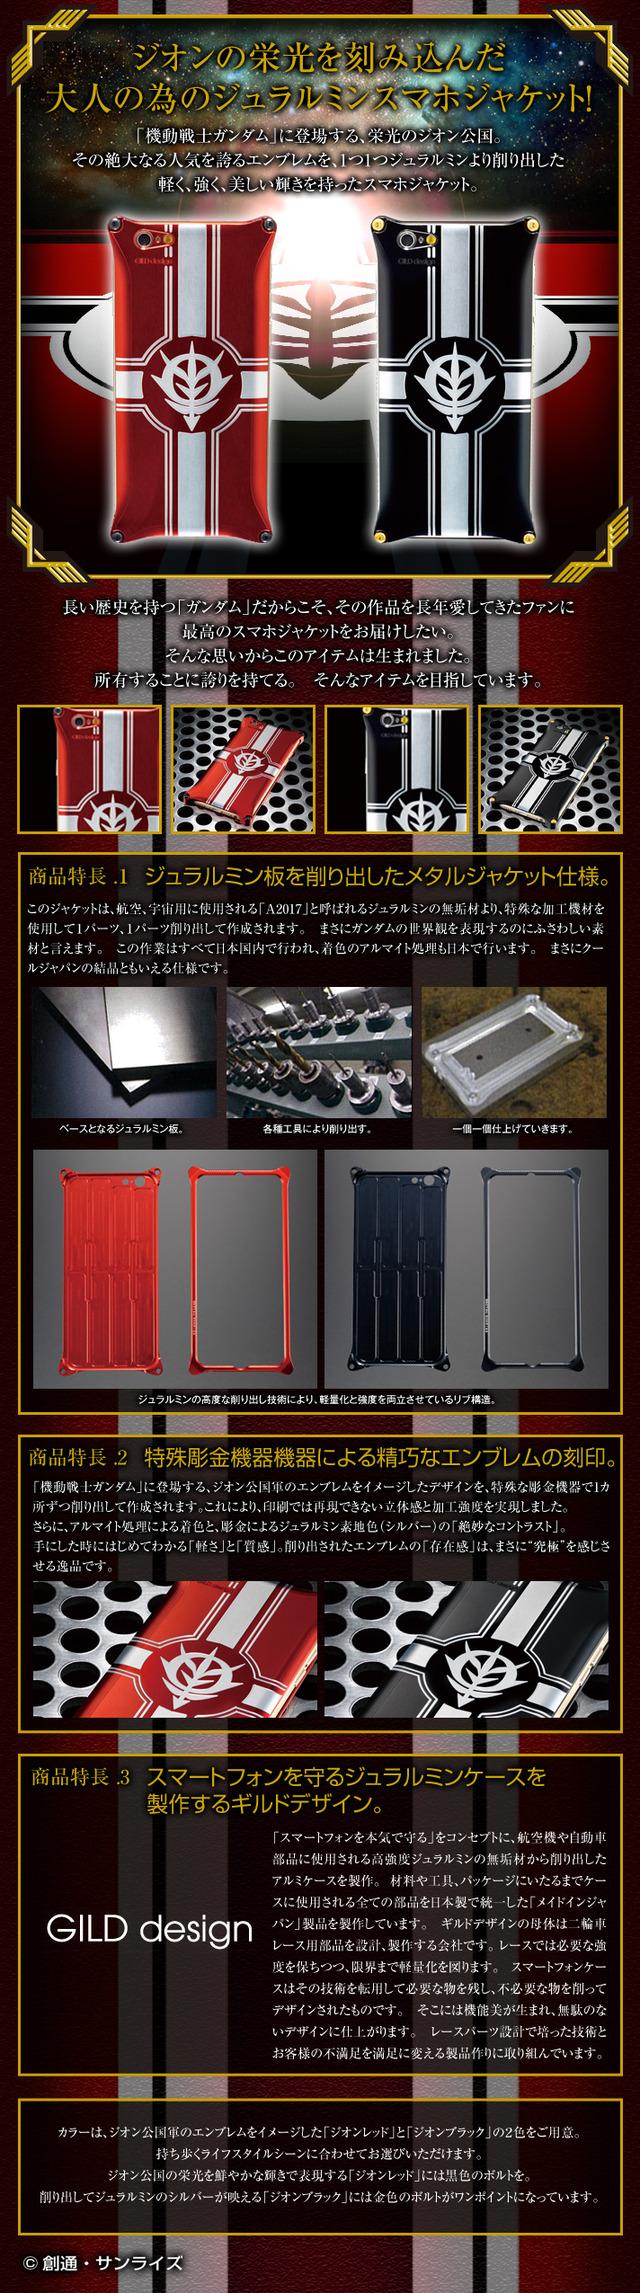 20150227_gundam_metaljacket_pc